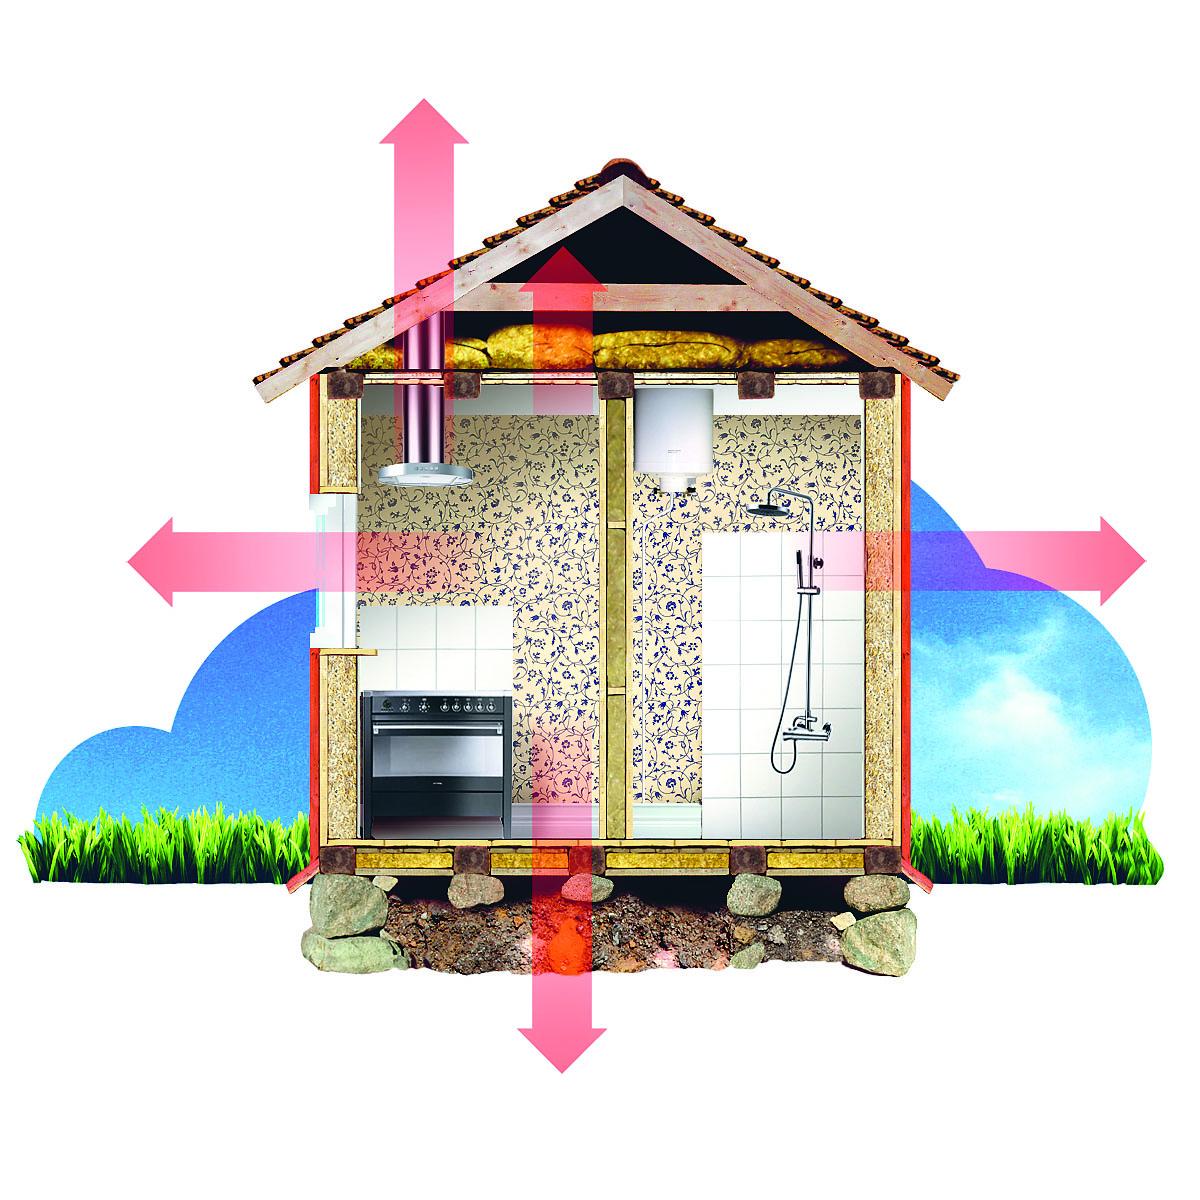 enoek jakten paa kilowatten artikler miljoe og enoek celluloseisolasjon